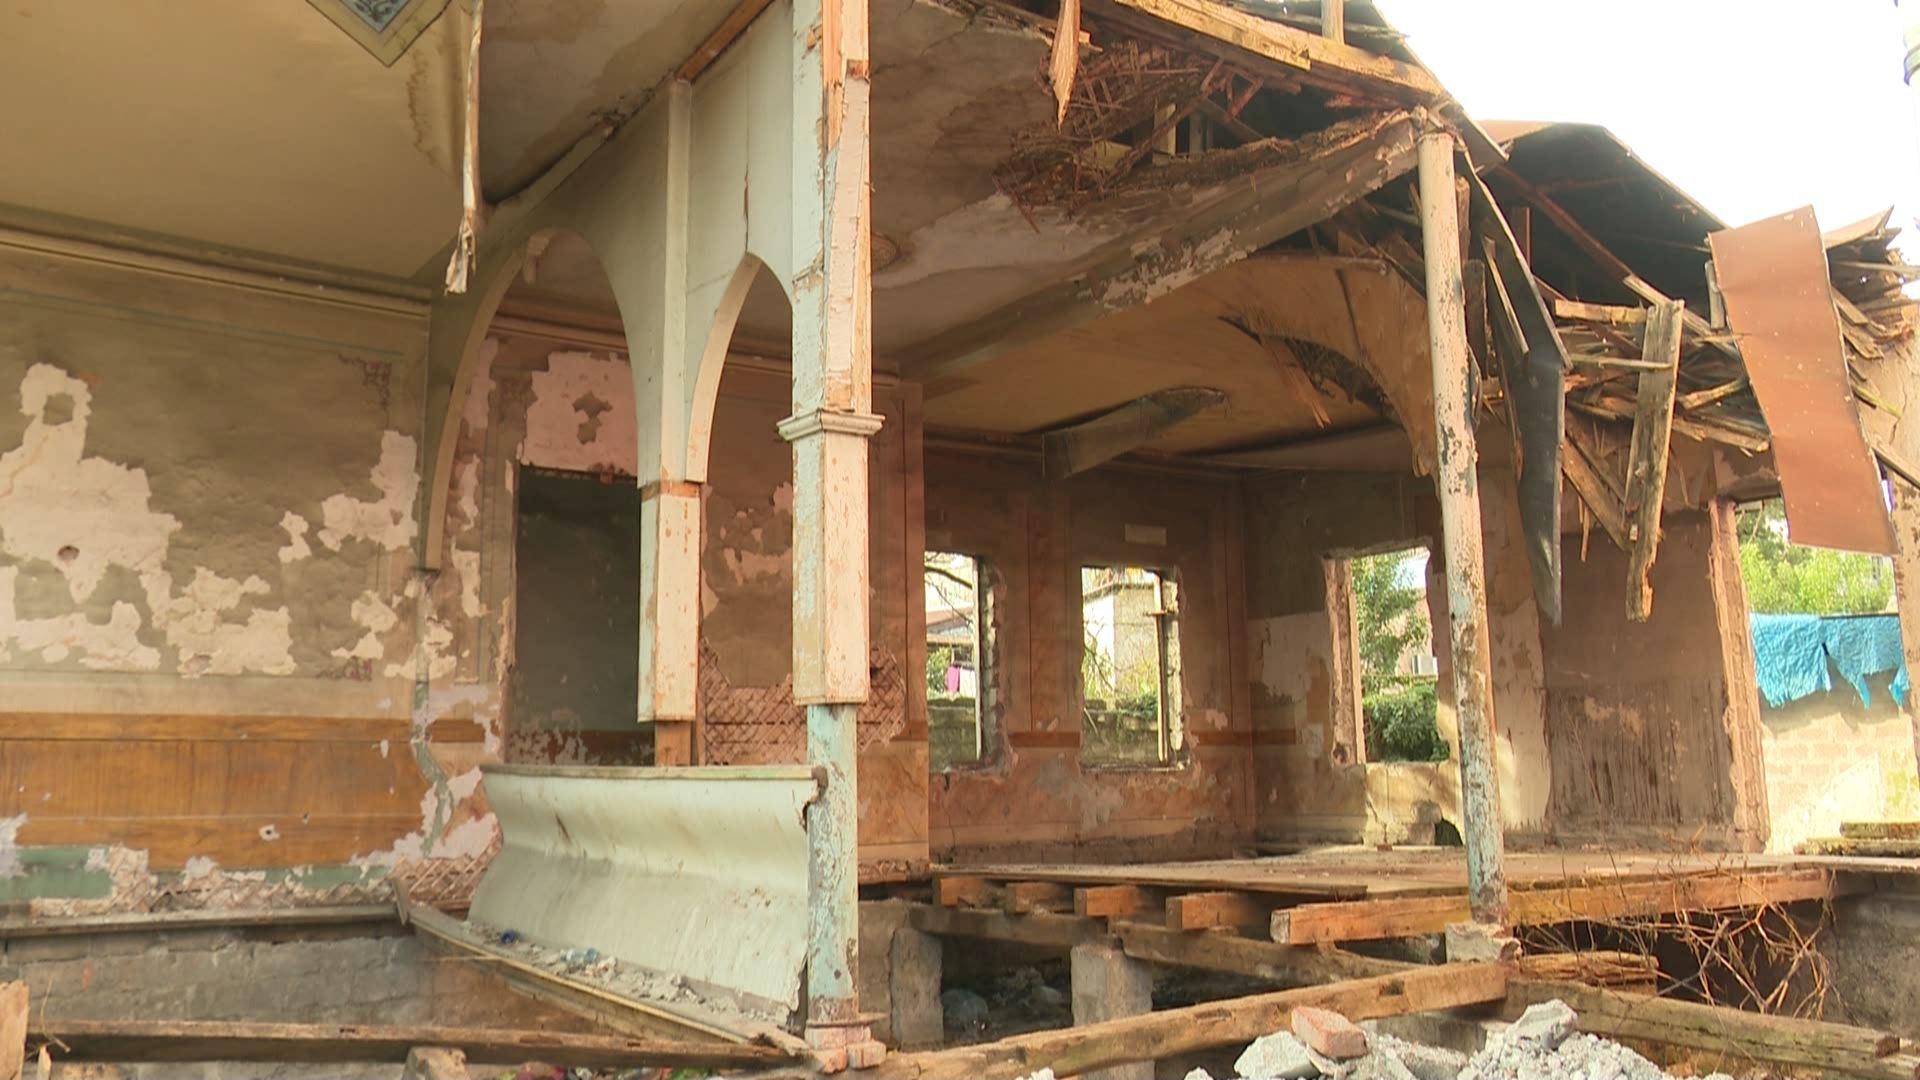 თითქმის საუკუნოვანი ისტორიის მატარებელ შენობას, რომელიც ნგრევის პირასაა კერძო პირები აღადგენენ